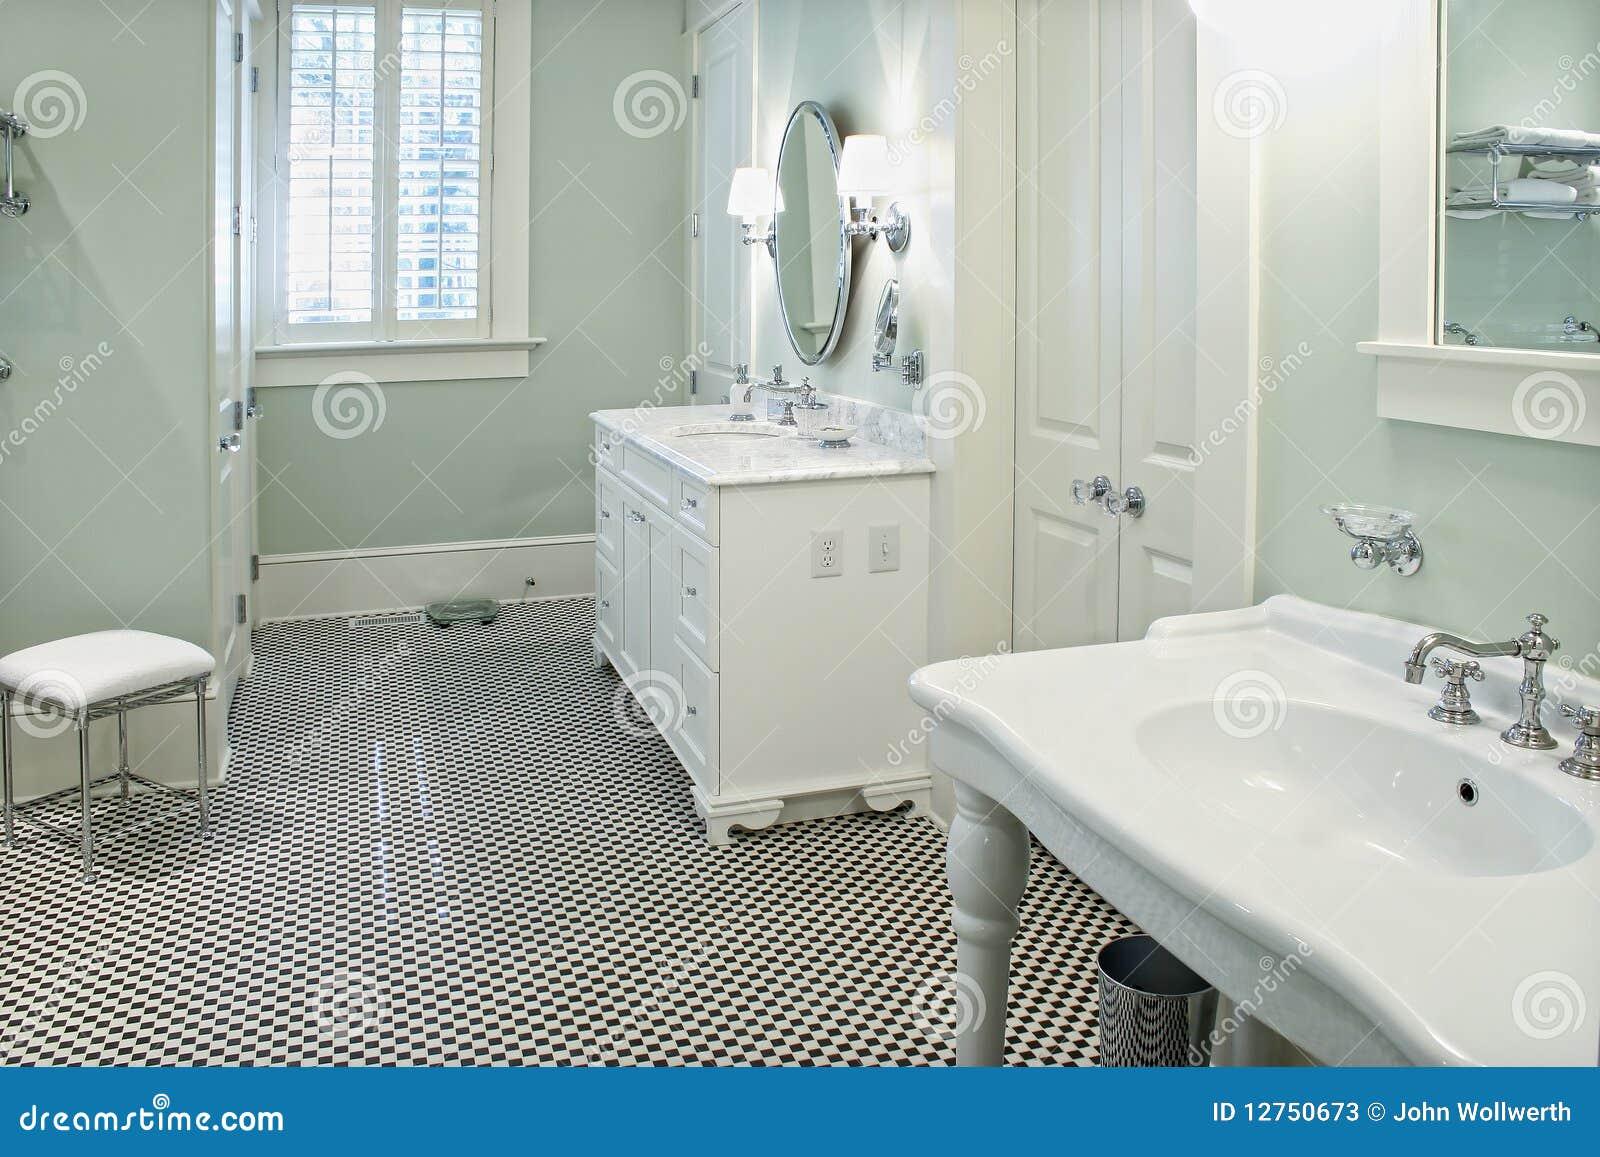 Banheiro Preto E Branco Fotos de Stock Imagem: 12750673 #82A328 1300x957 Banheiro Branco Com Vaso Preto